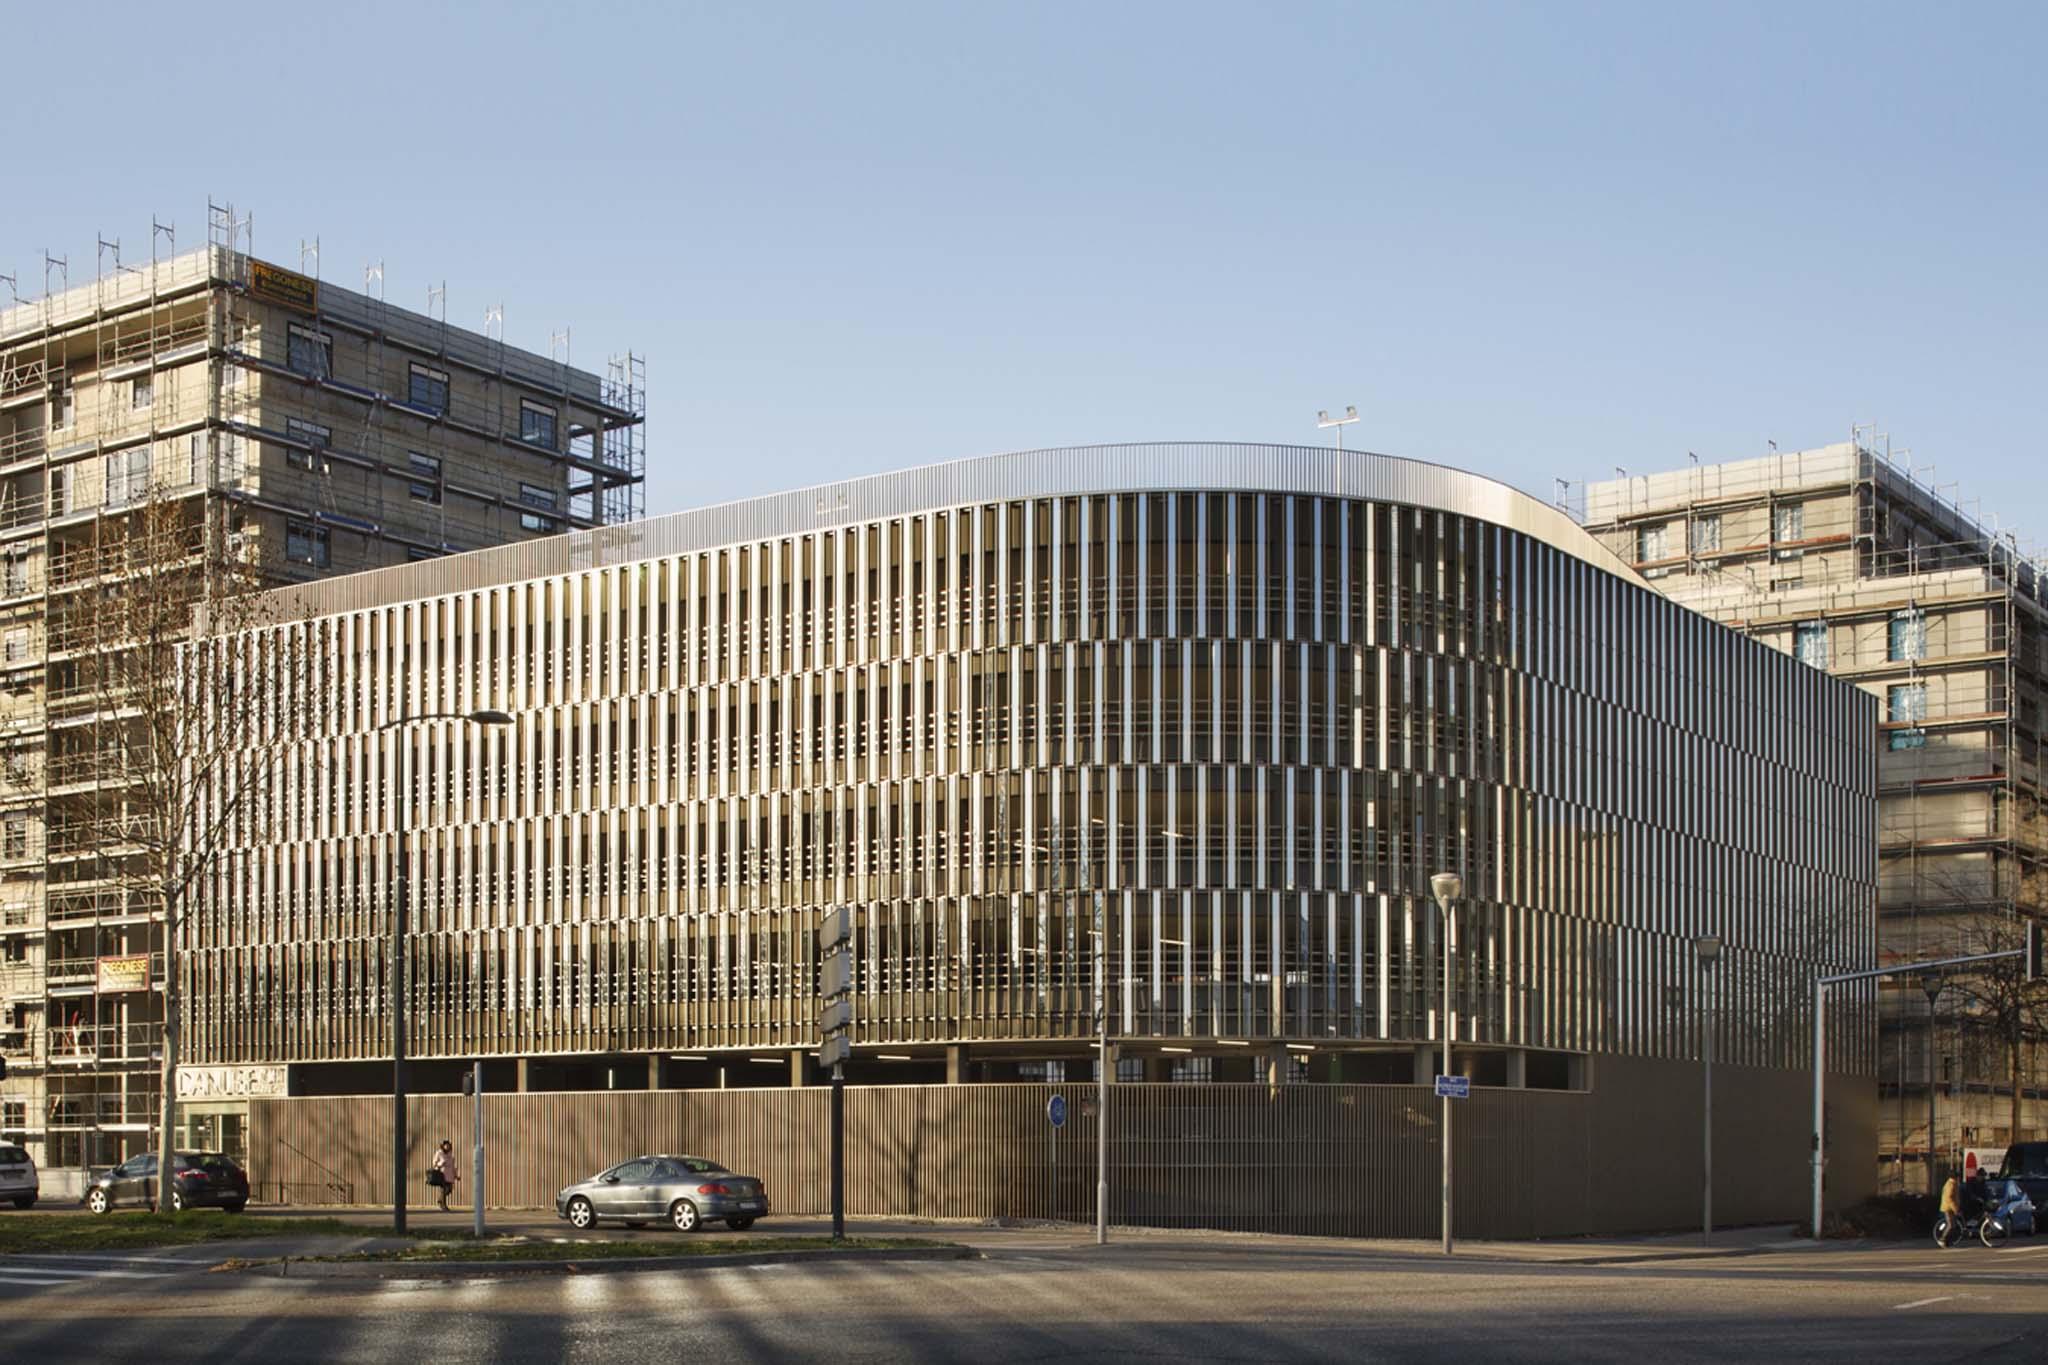 Architecte Bas Rhin nommé à l'Équerre d'argent 2019, catégorie ouvrages d'art